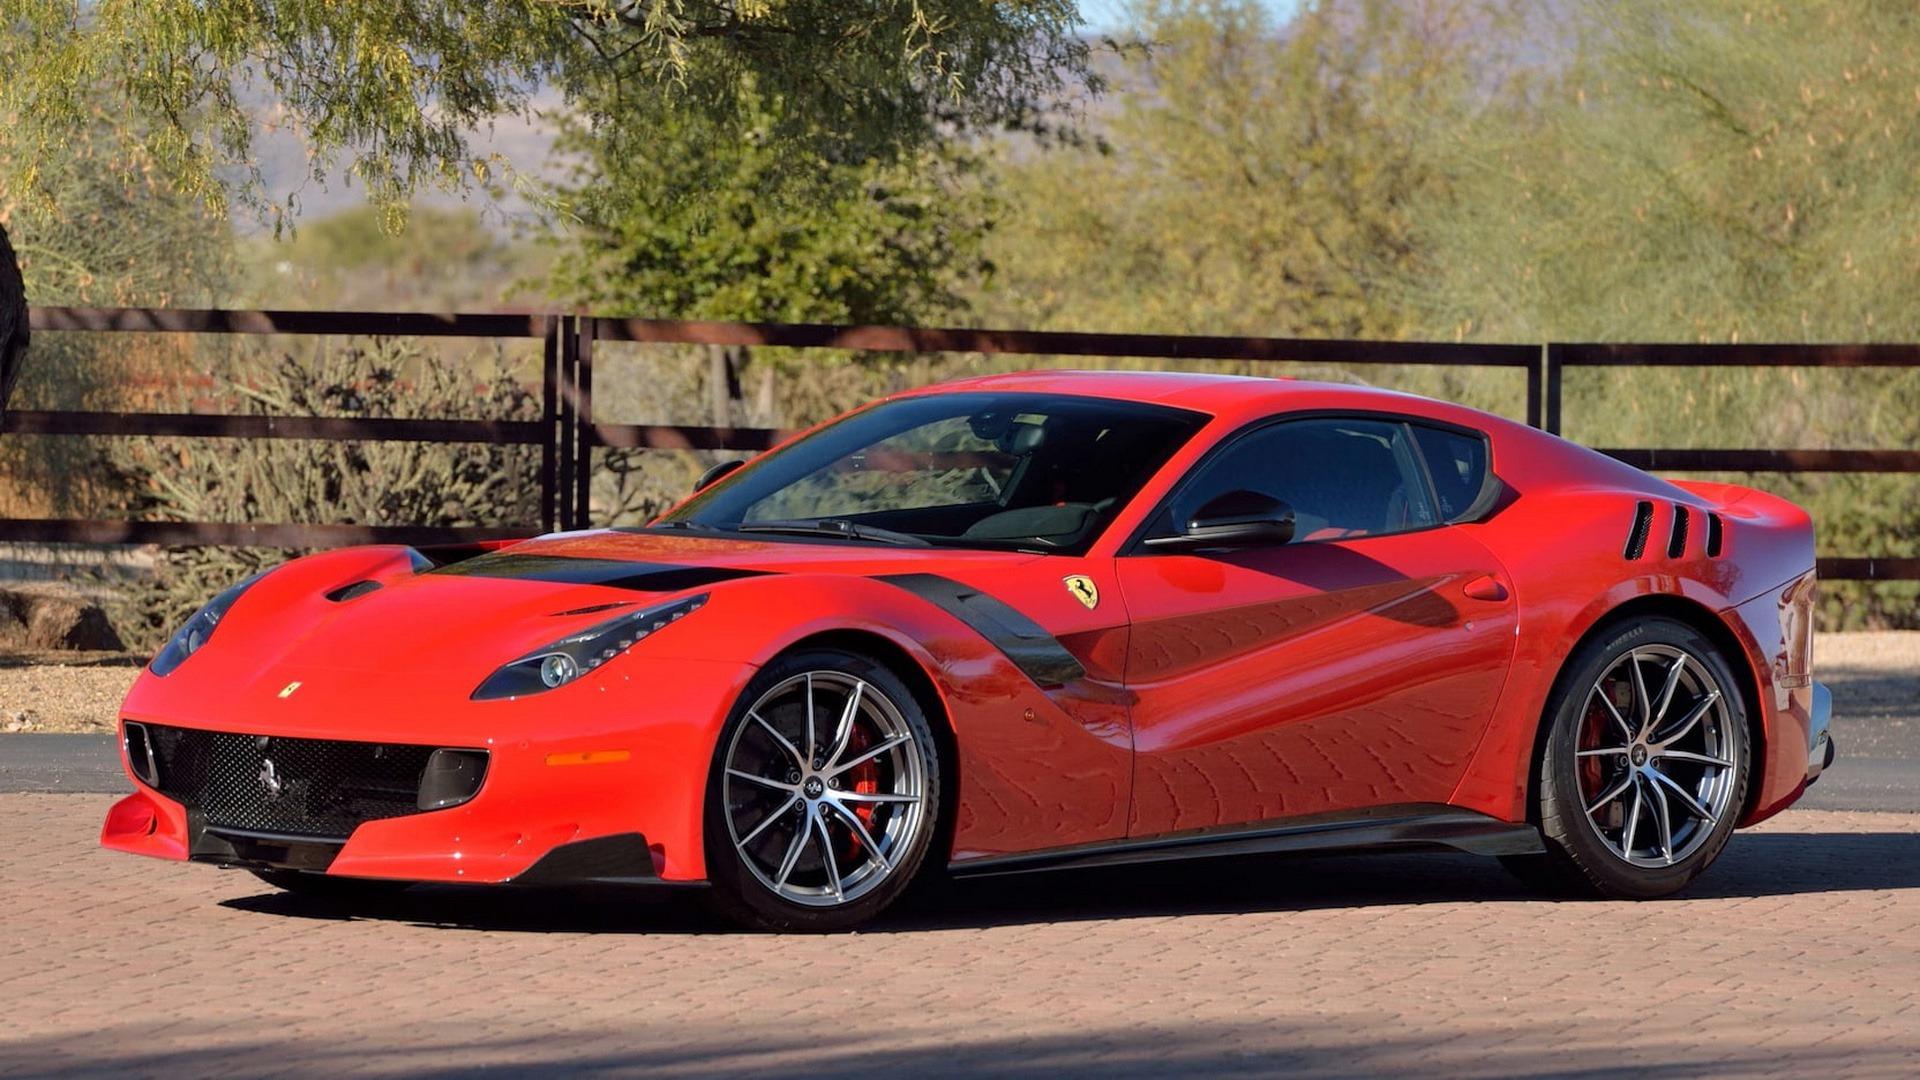 Penske_Ferrari_F12TdF_sale_0000